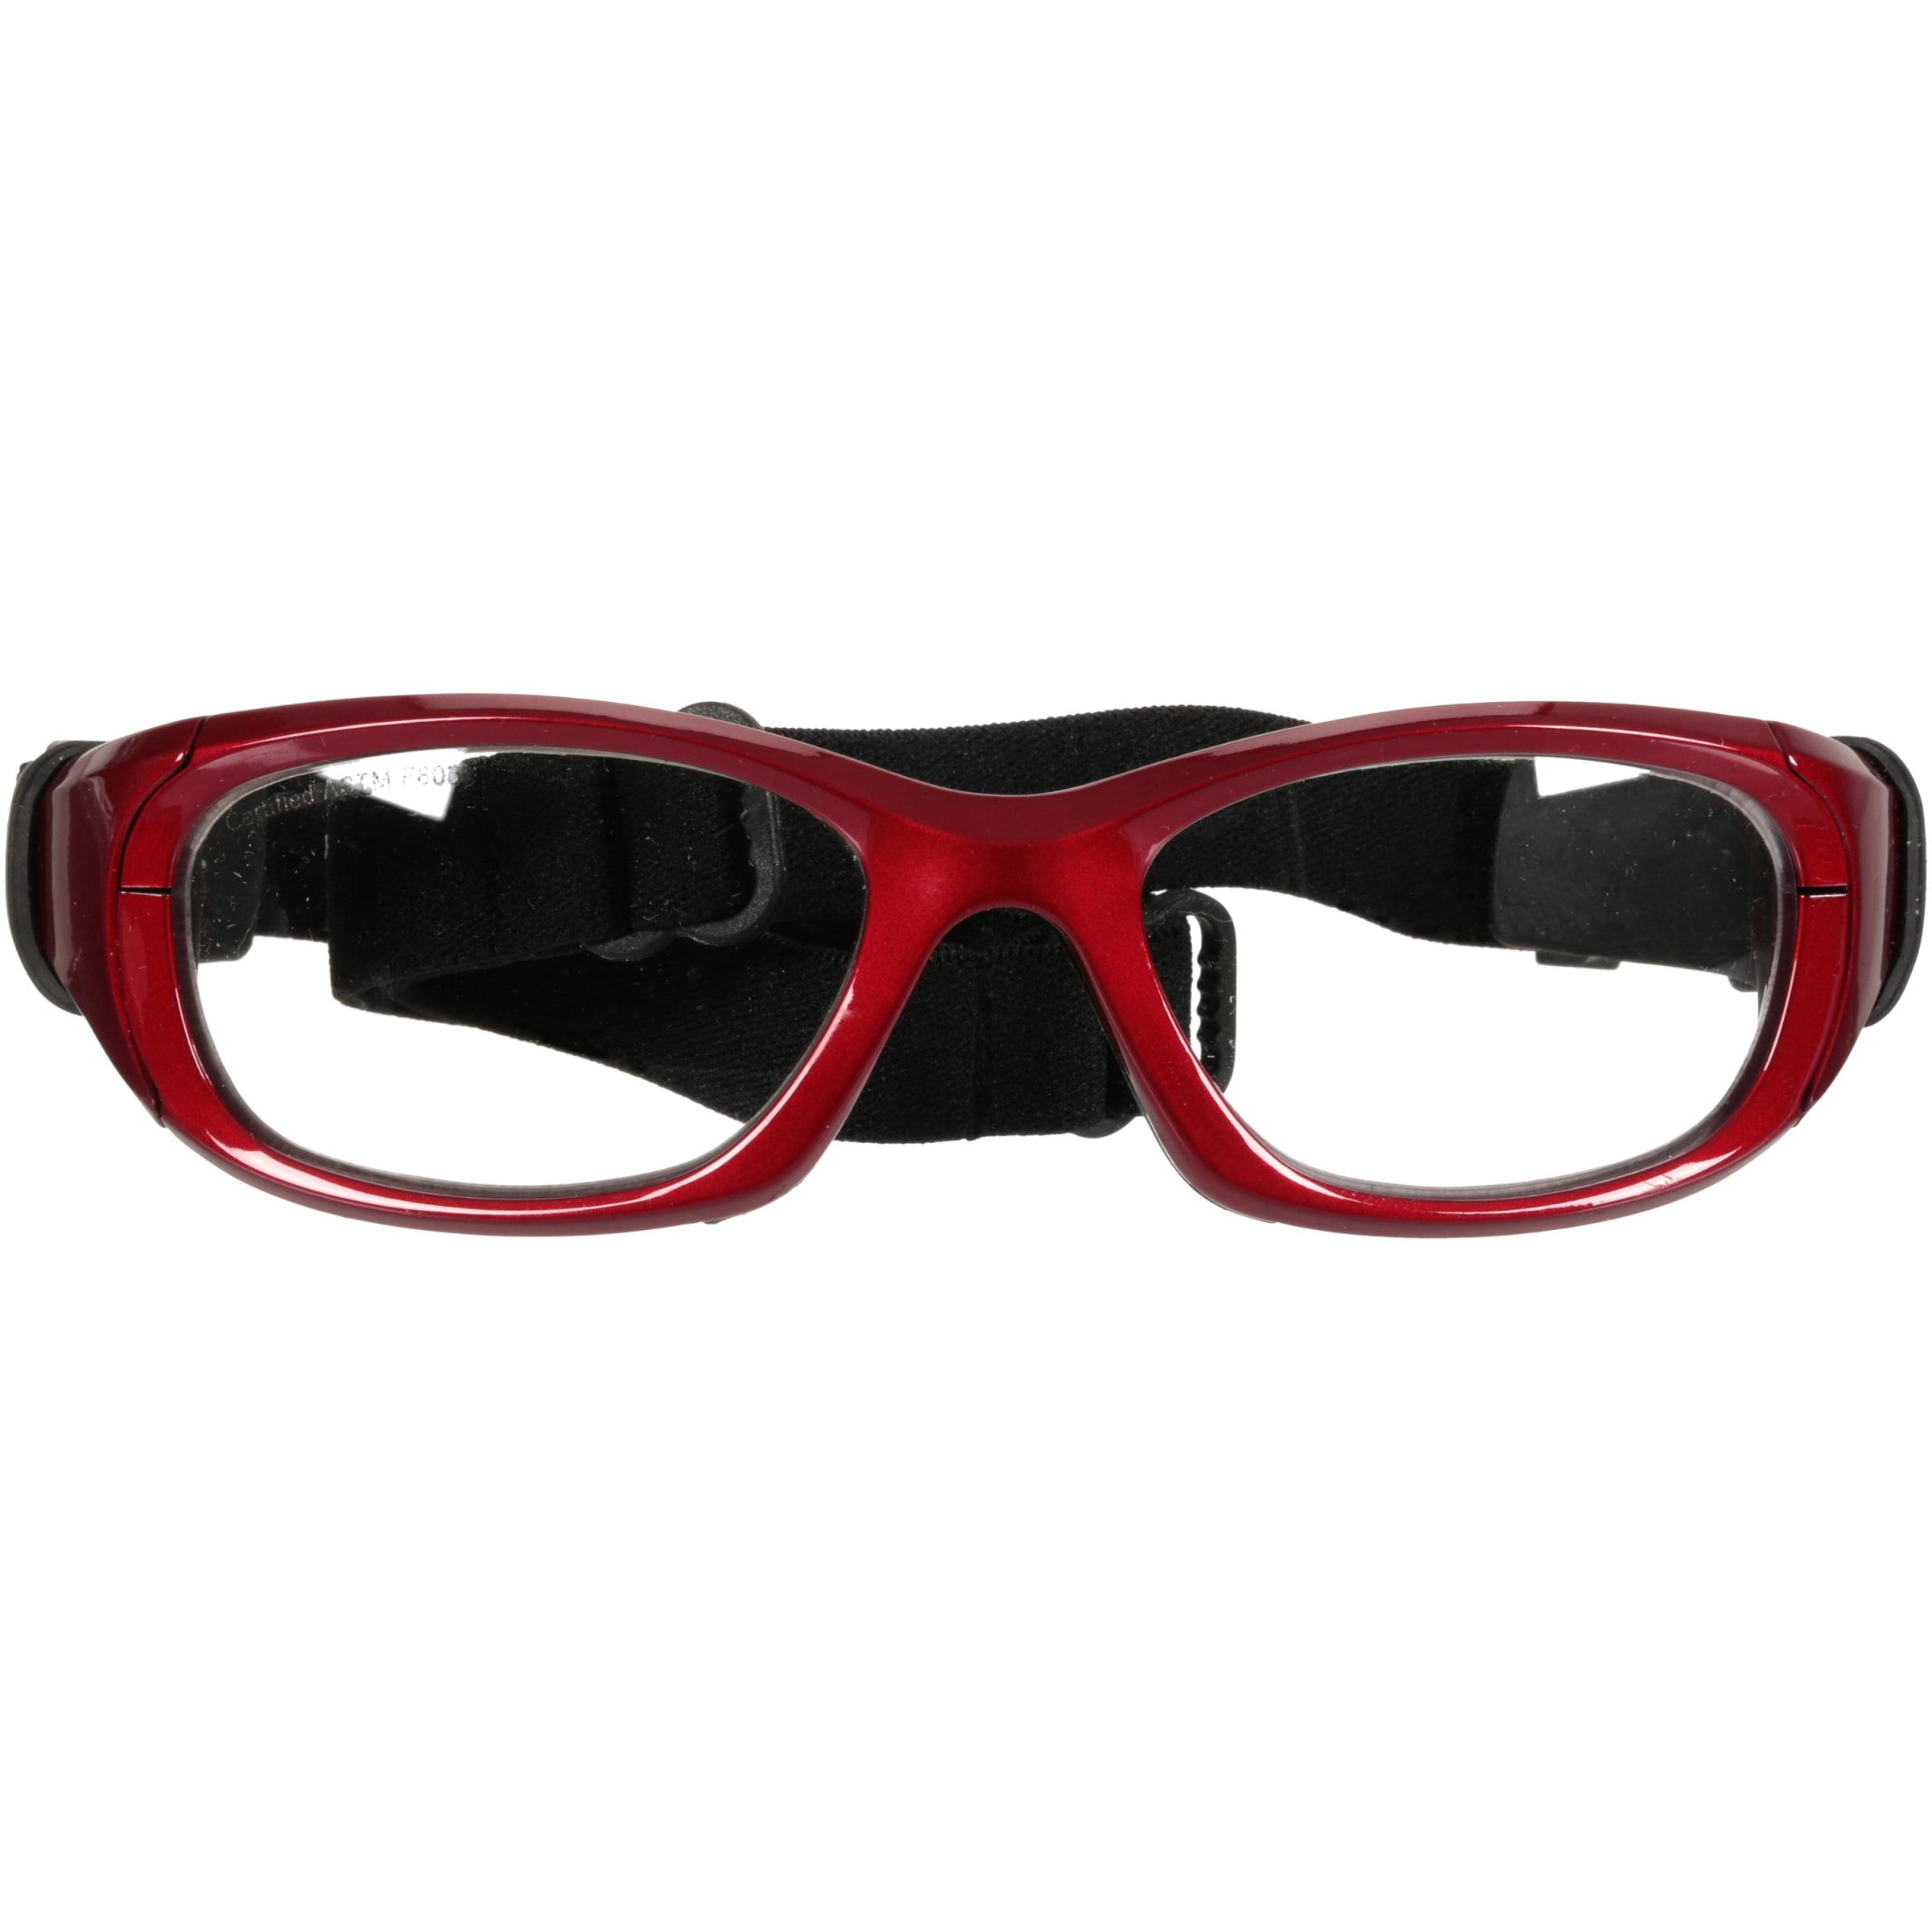 bdbf4354d4d4 Sport Specs Protective Sports Eyewear Goggle